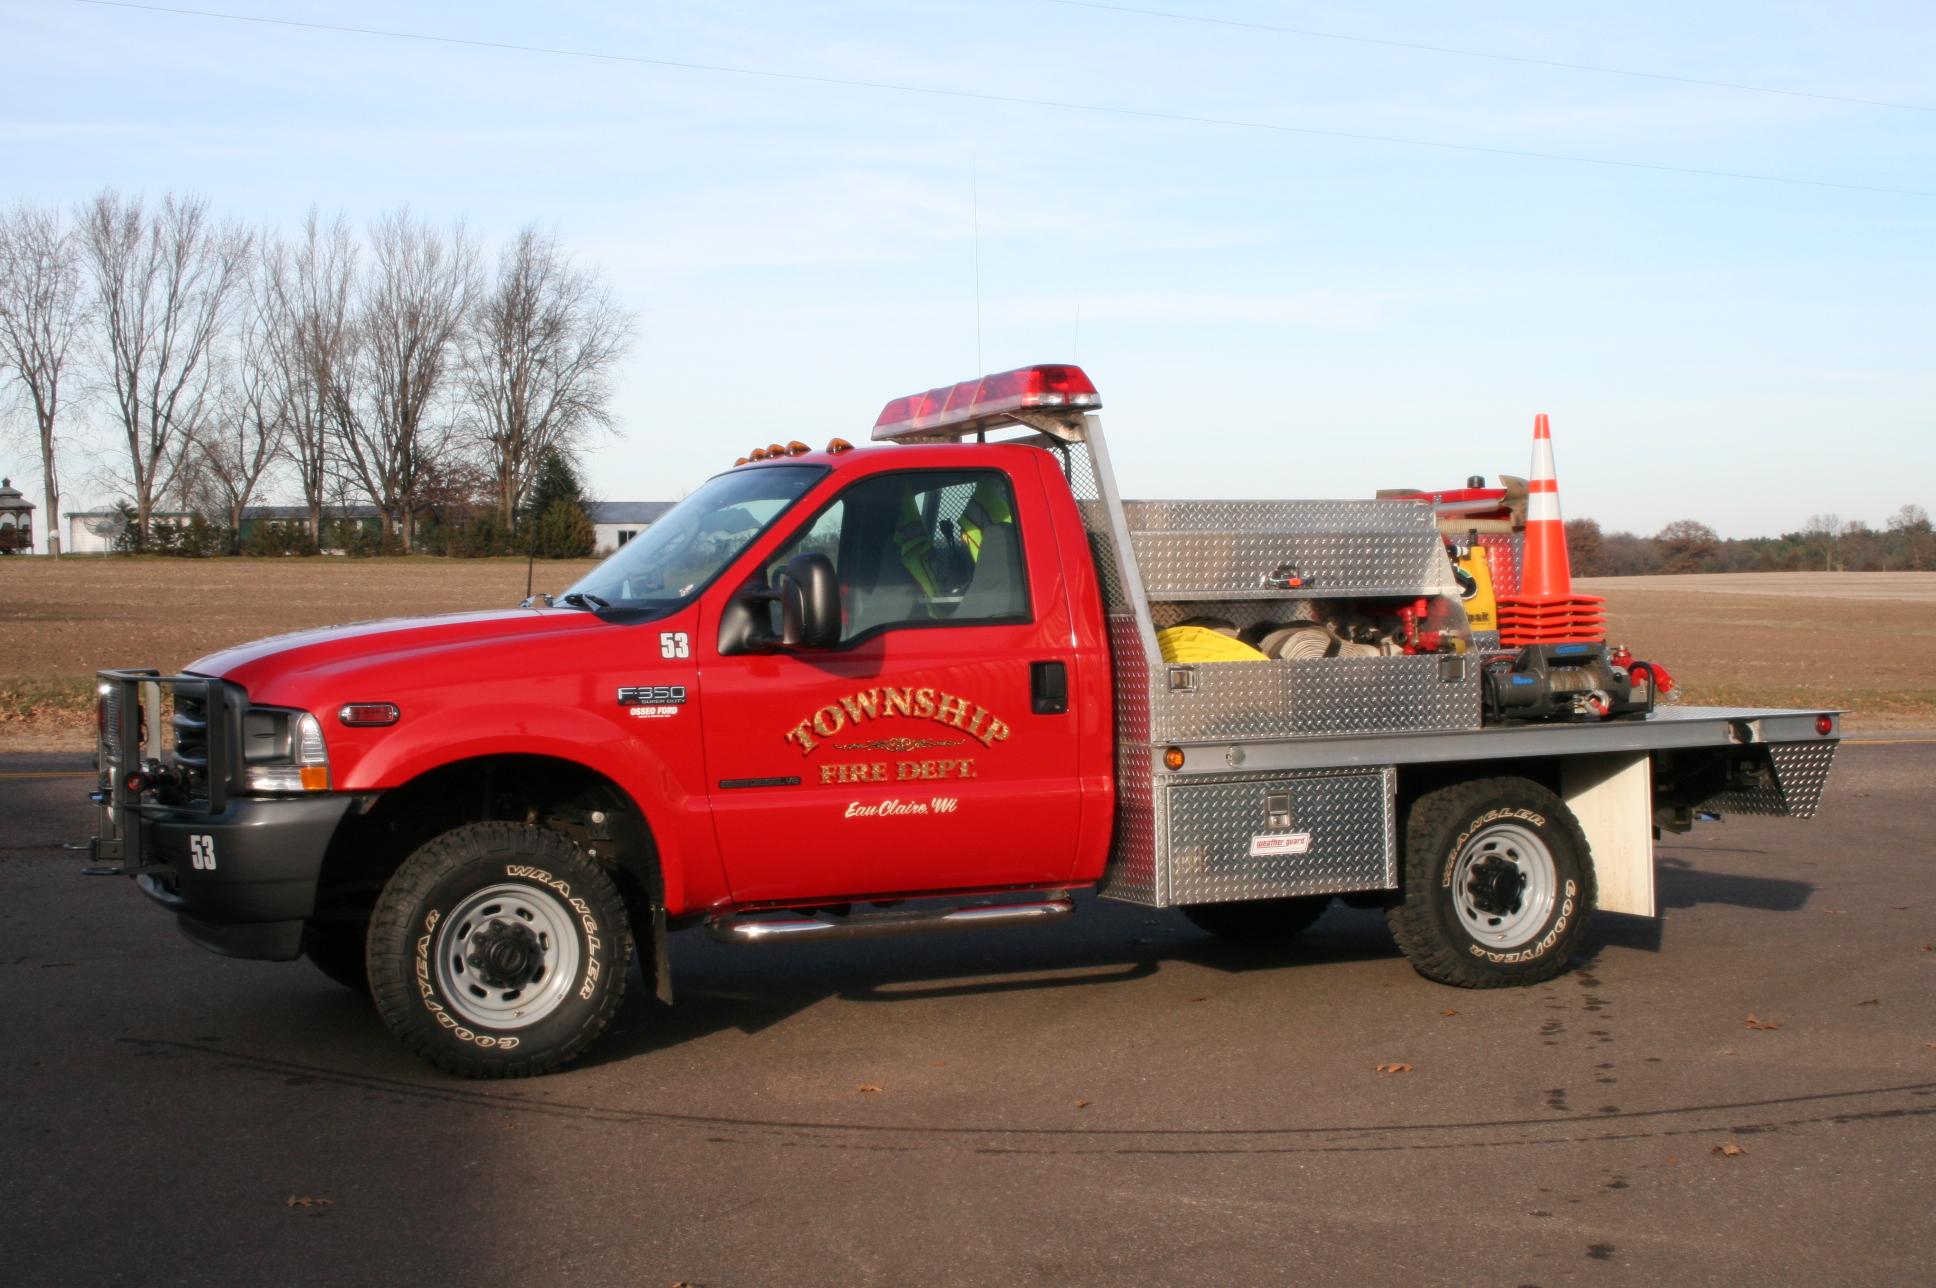 Fire truck #53